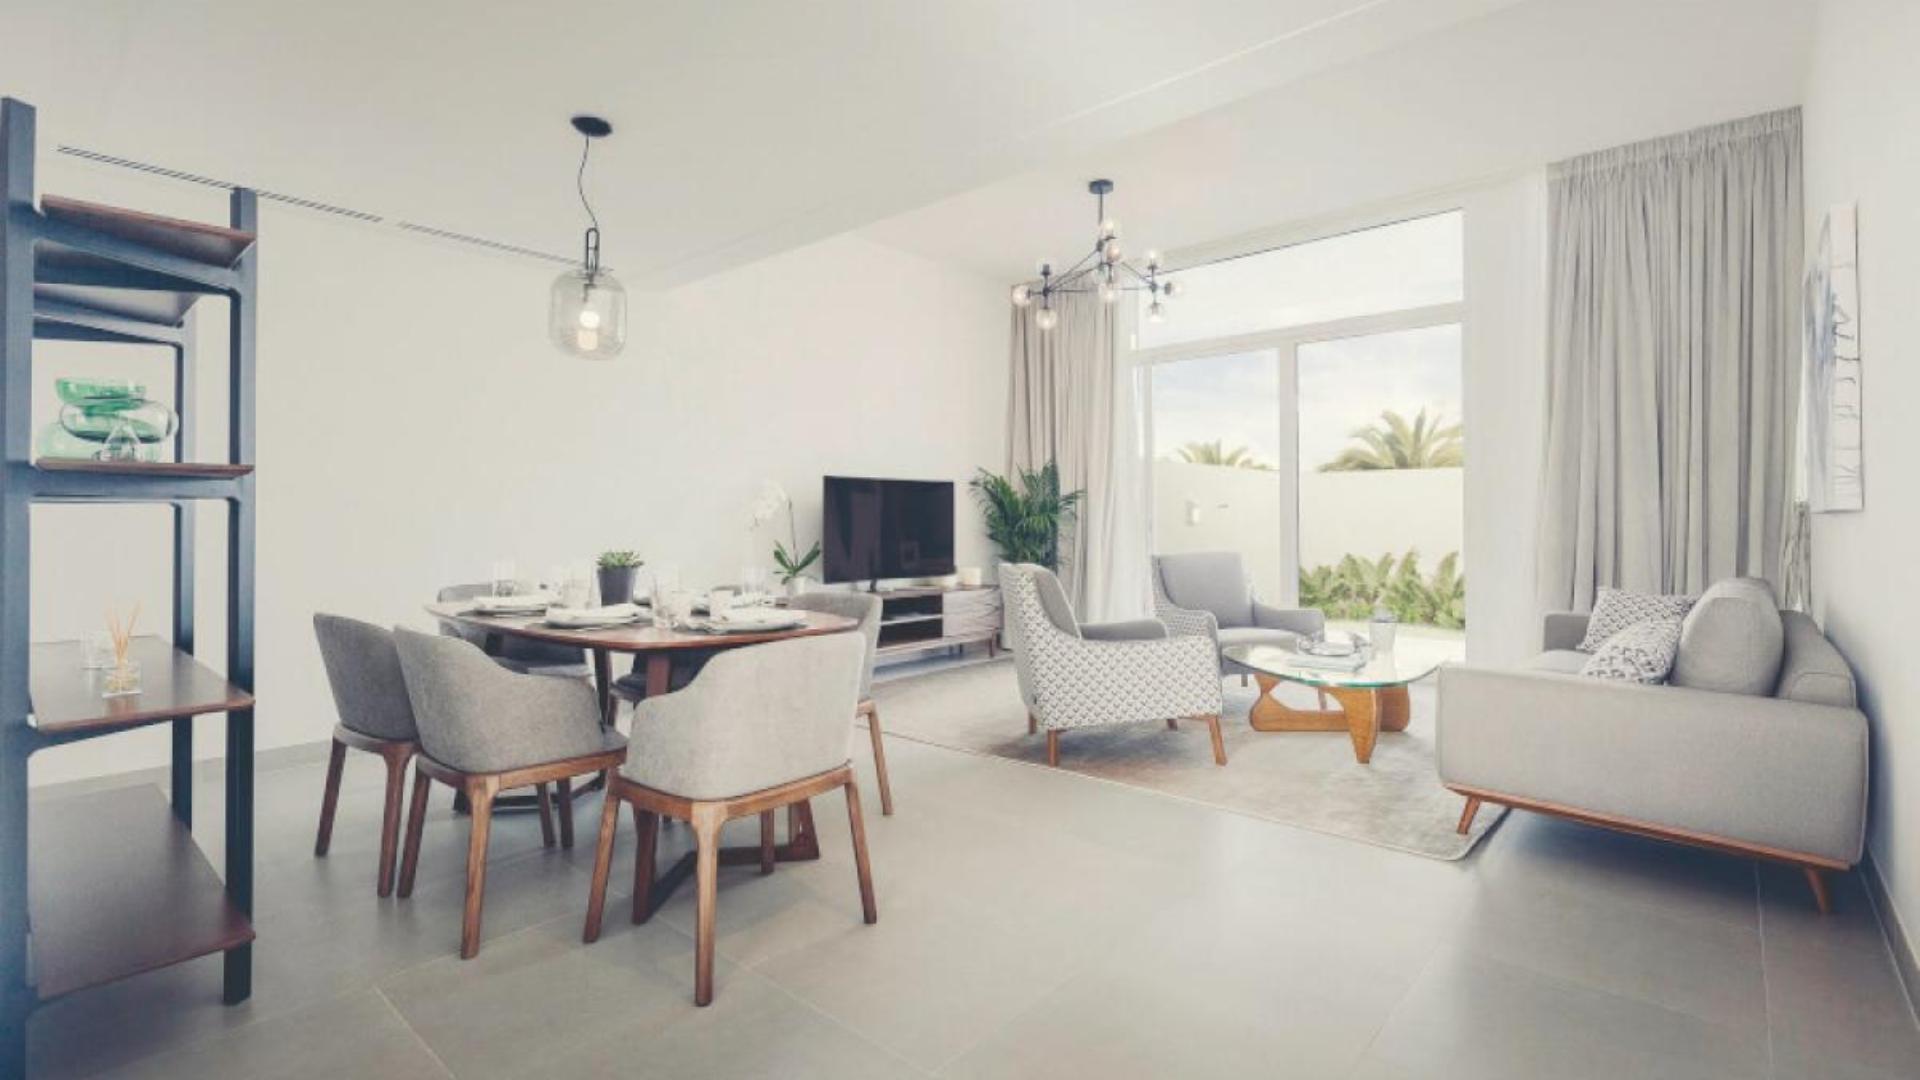 Apartamento en venta en Dubai, EAU, 3 dormitorios, 138 m2, № 24441 – foto 1